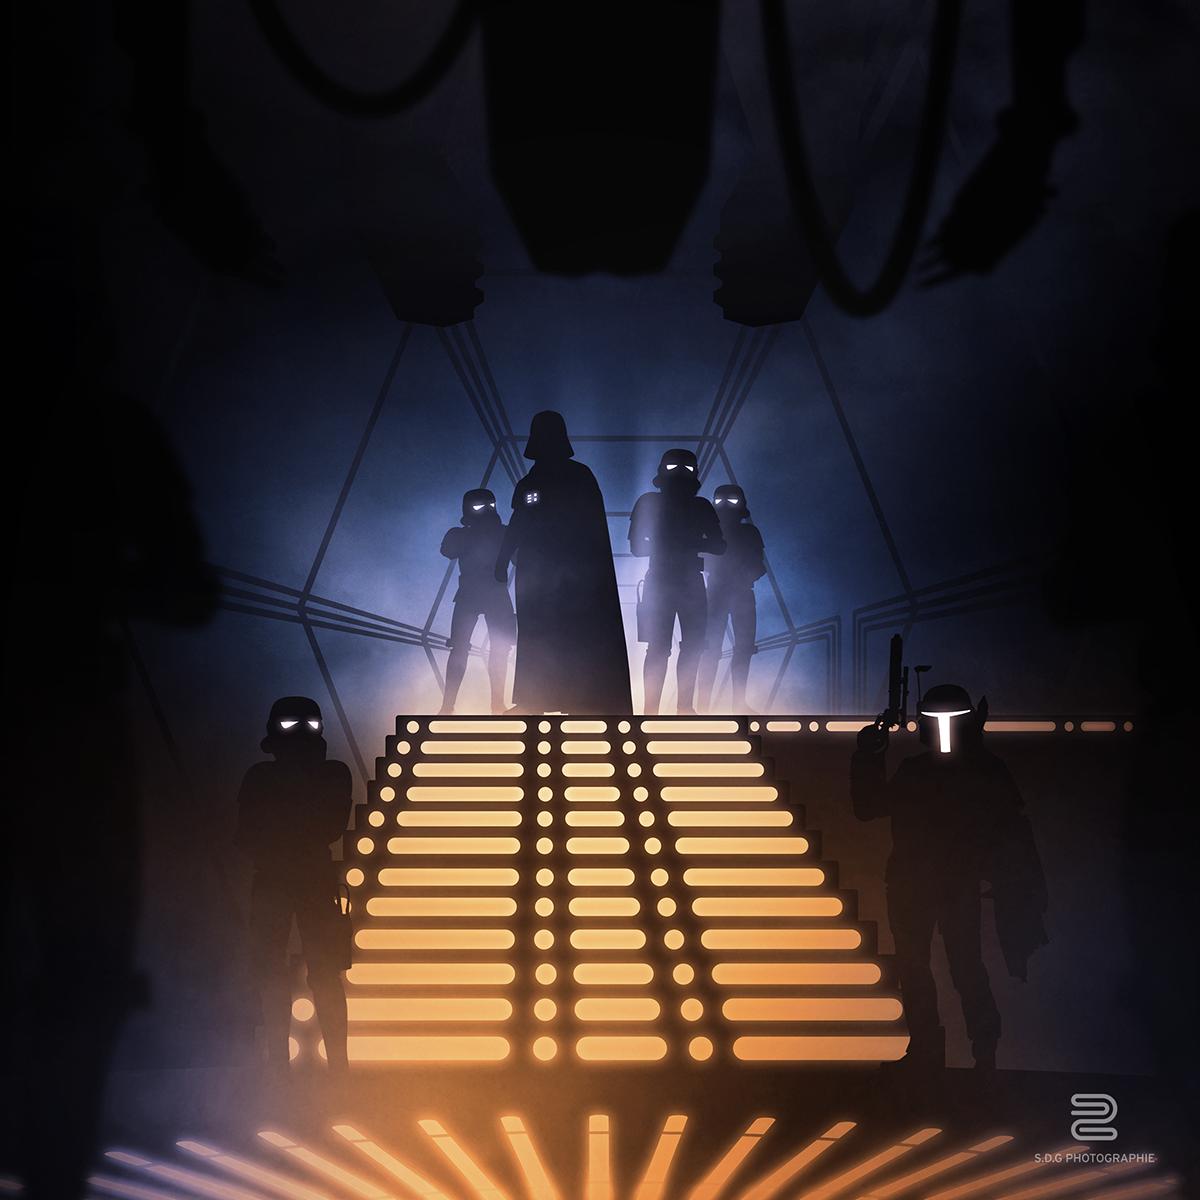 Le Cosmos de Star Wars II